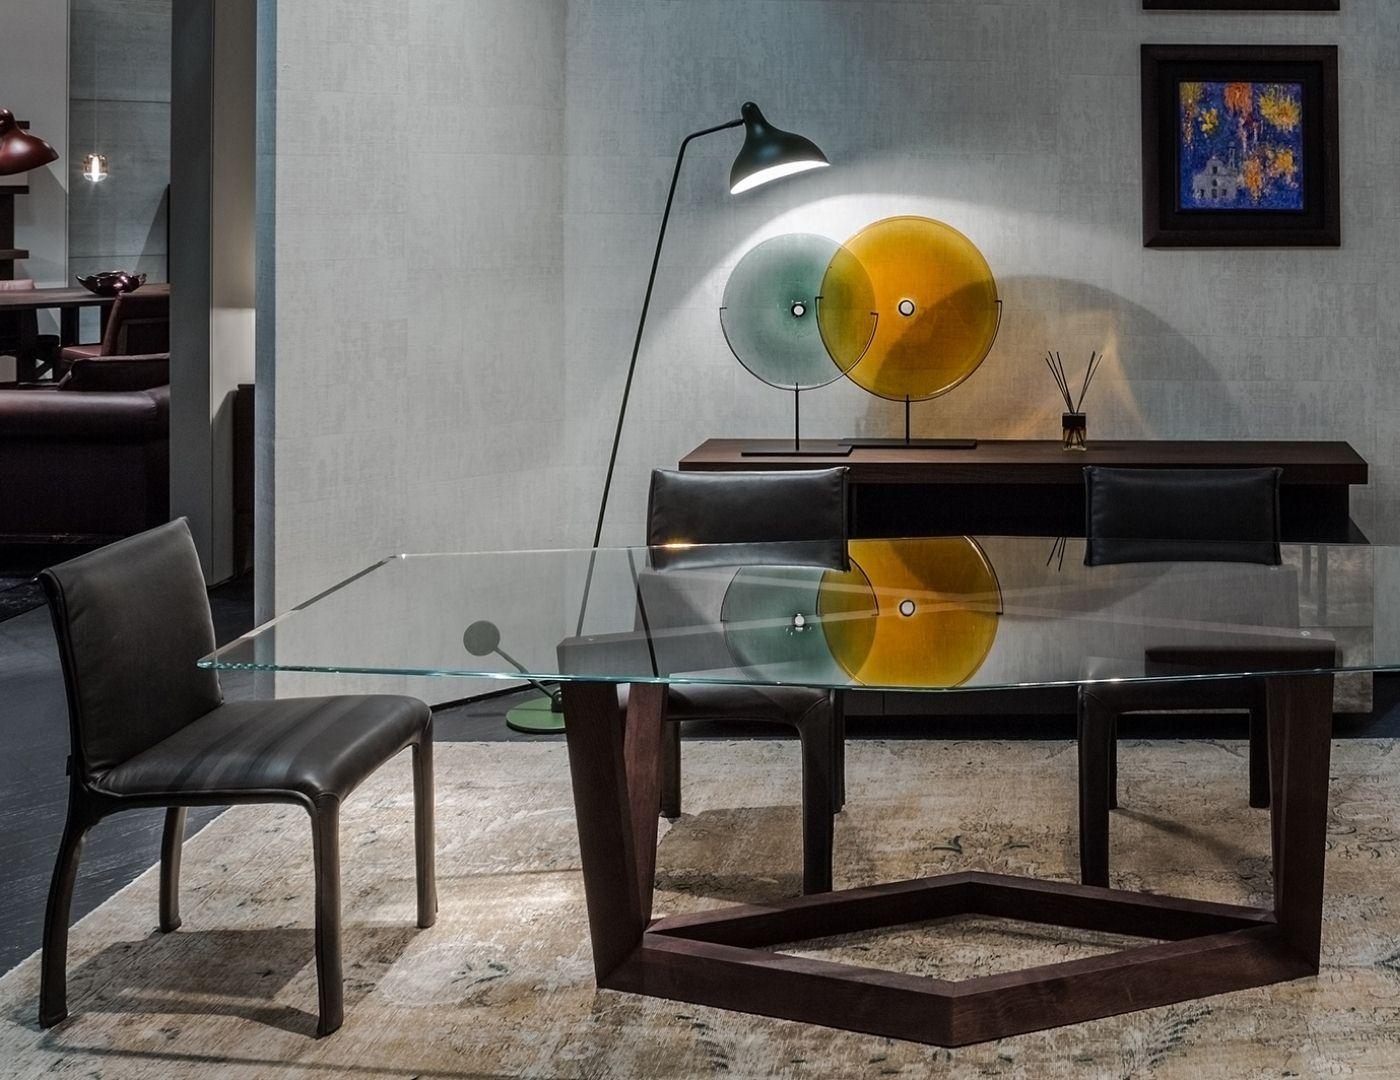 tavolo-hex-sedia-hedi-2-1920x1080